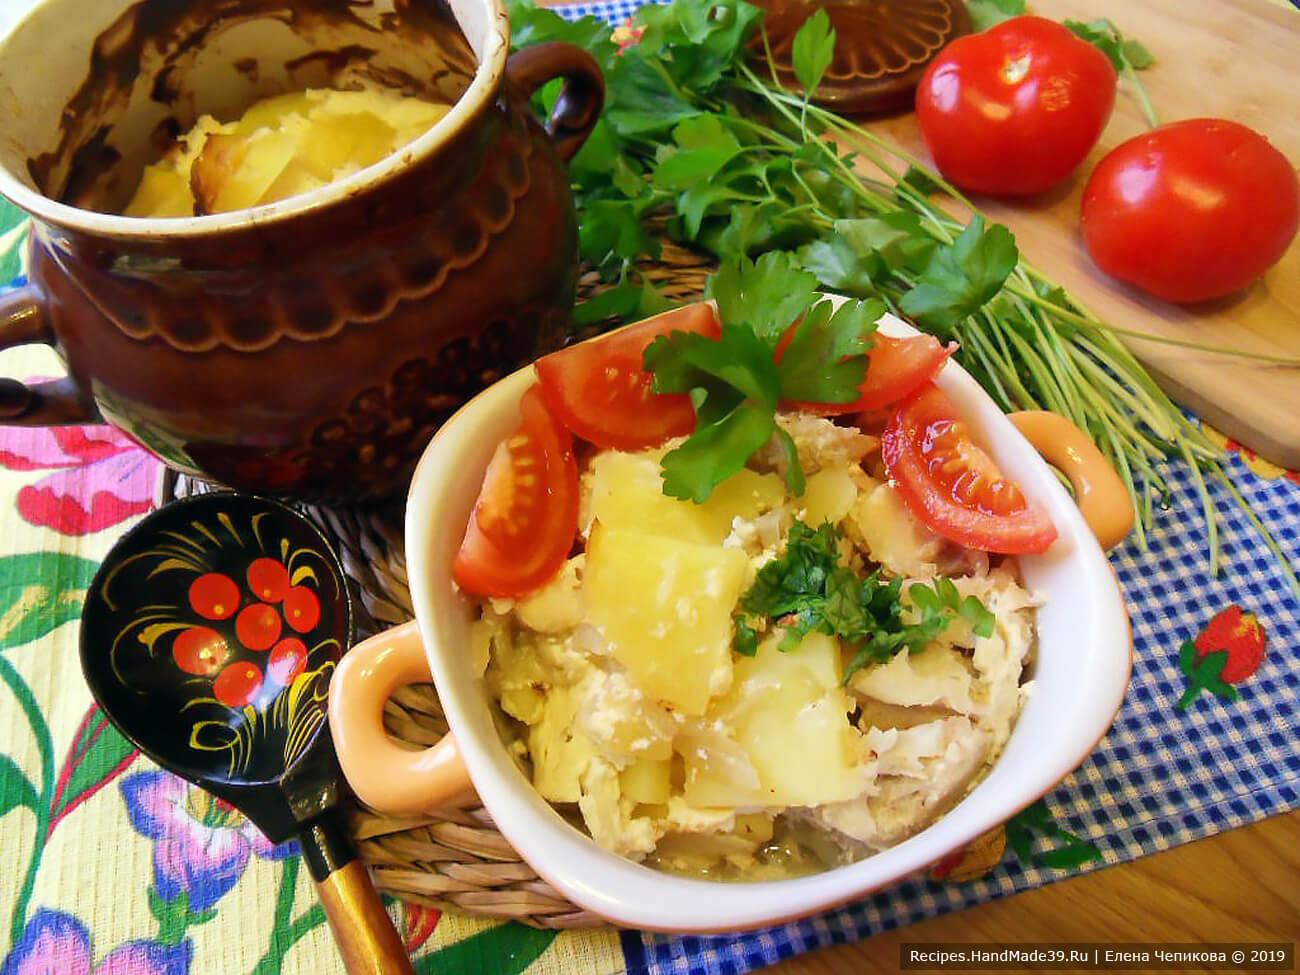 Рыба с картофелем, запечённая в горшочке – пошаговый кулинарный рецепт с фото